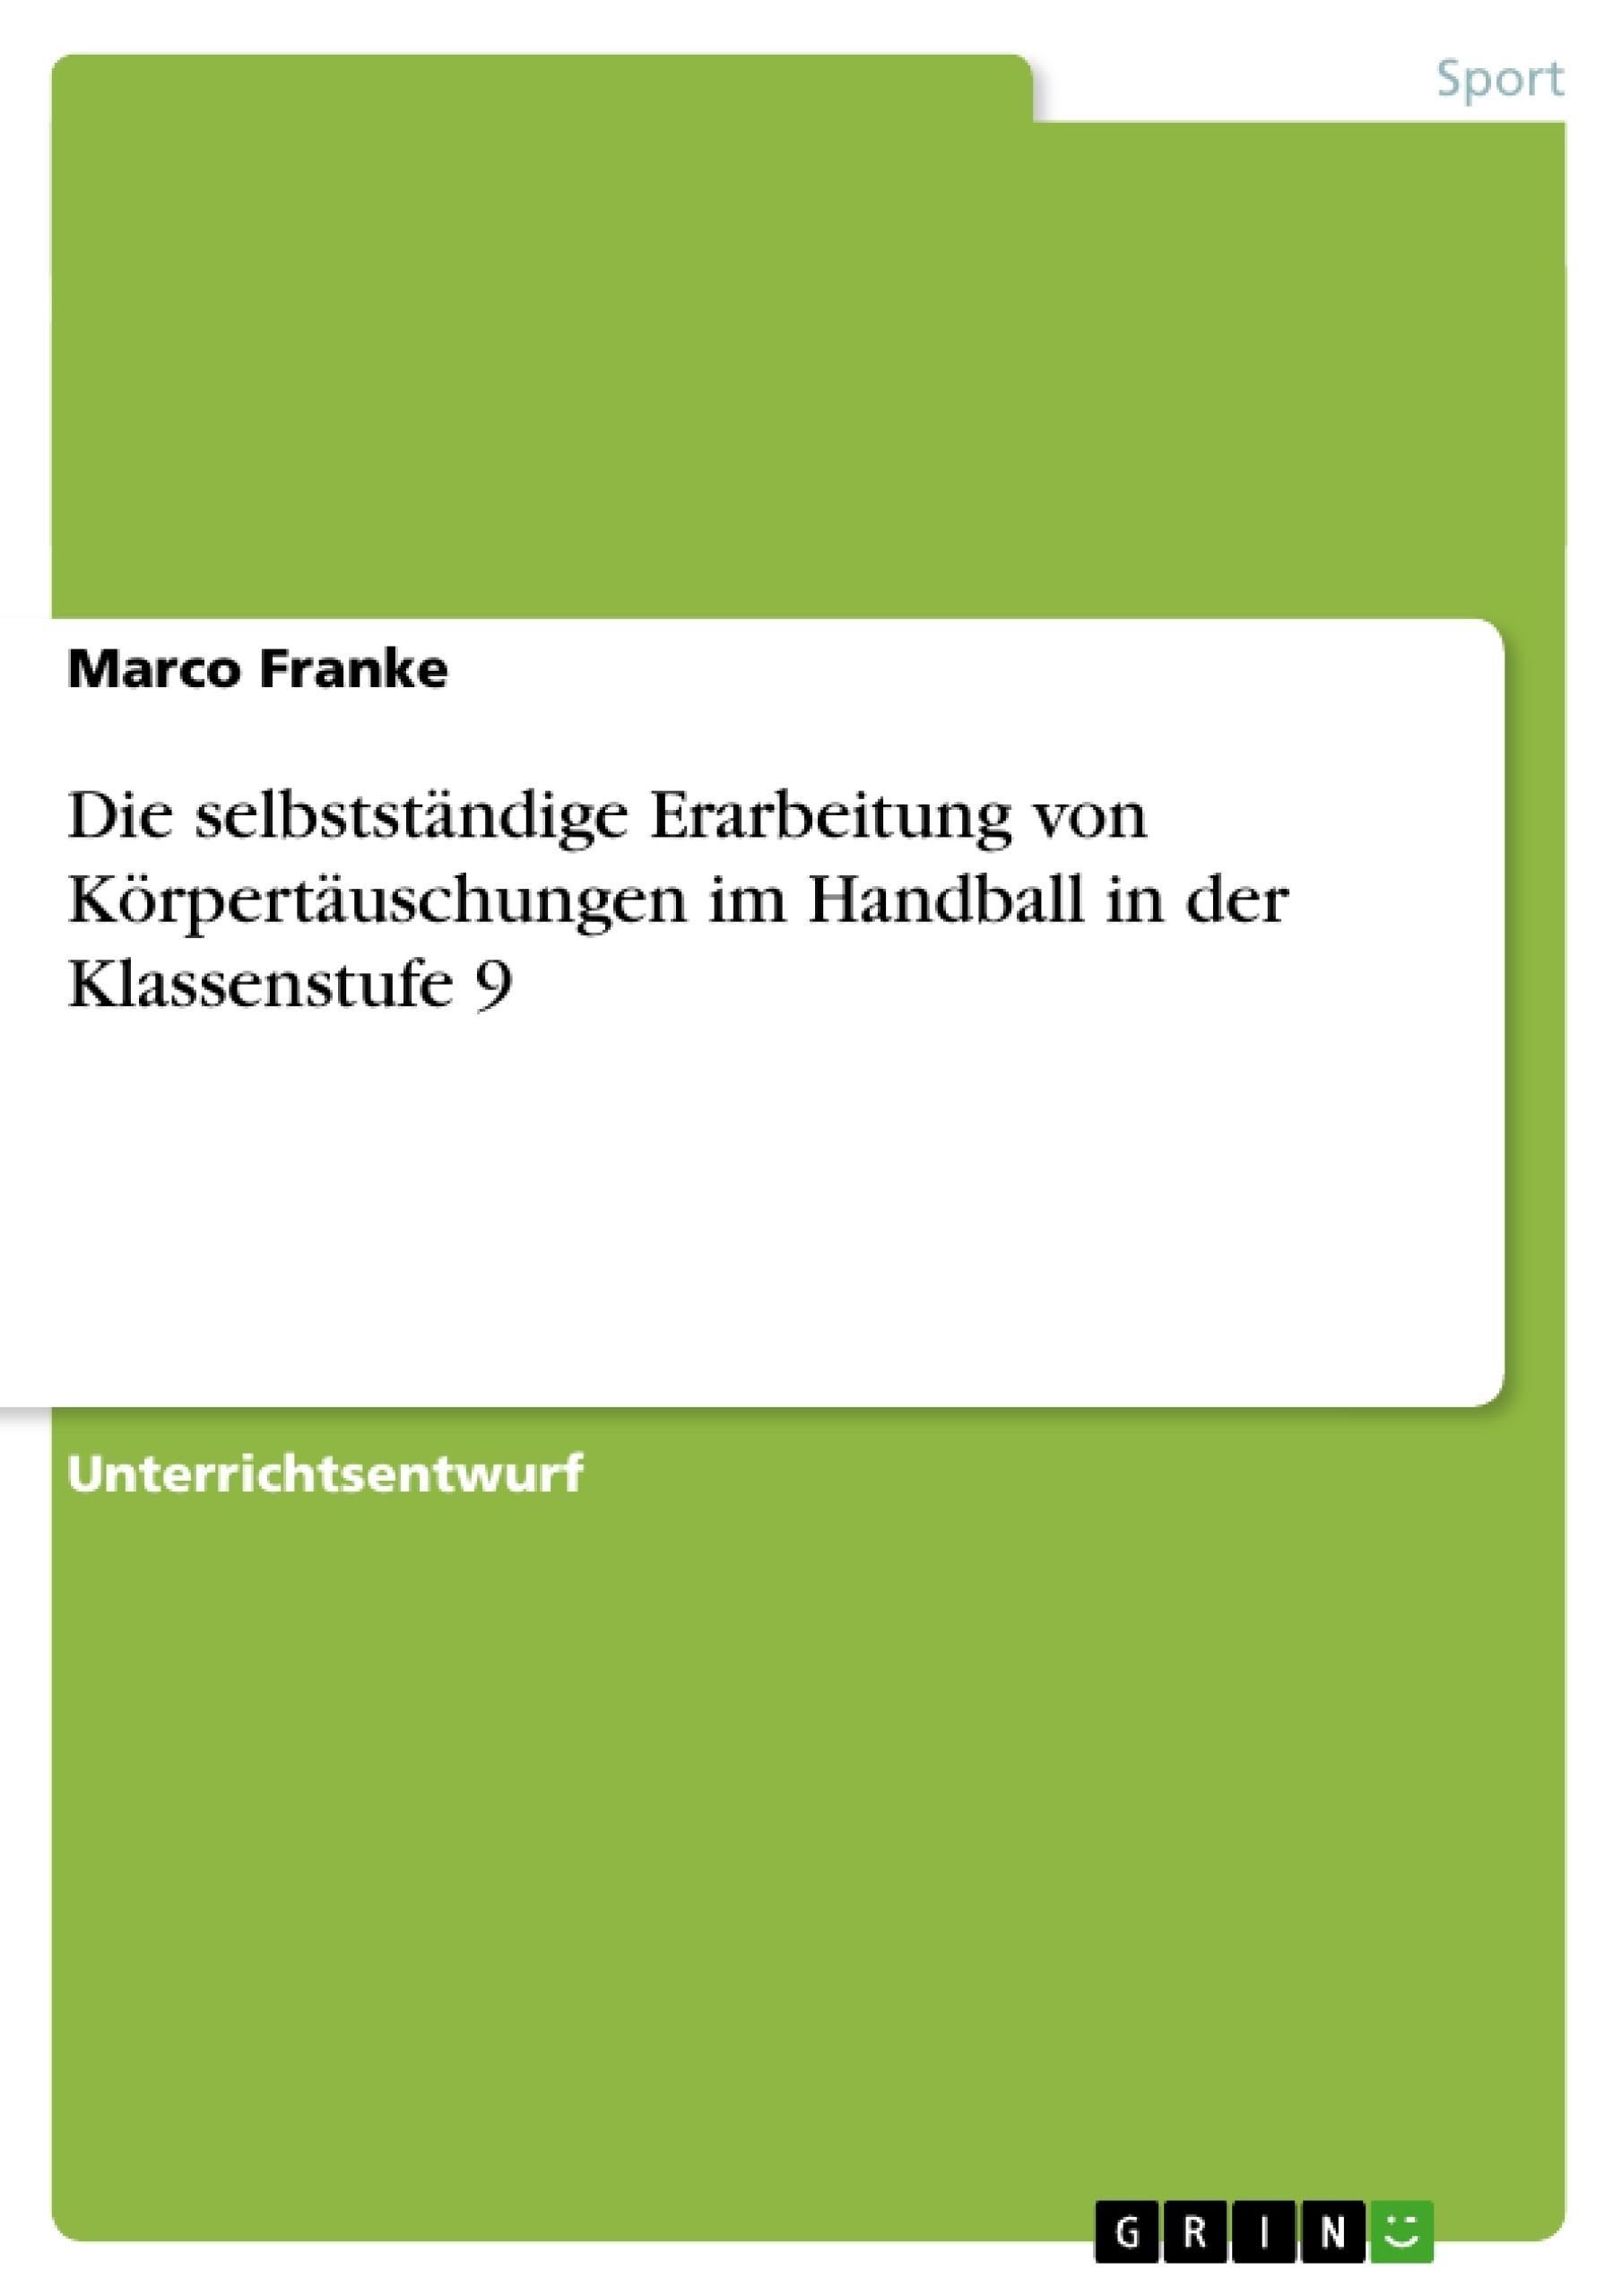 Titel: Die selbstständige Erarbeitung von Körpertäuschungen im Handball in der Klassenstufe 9